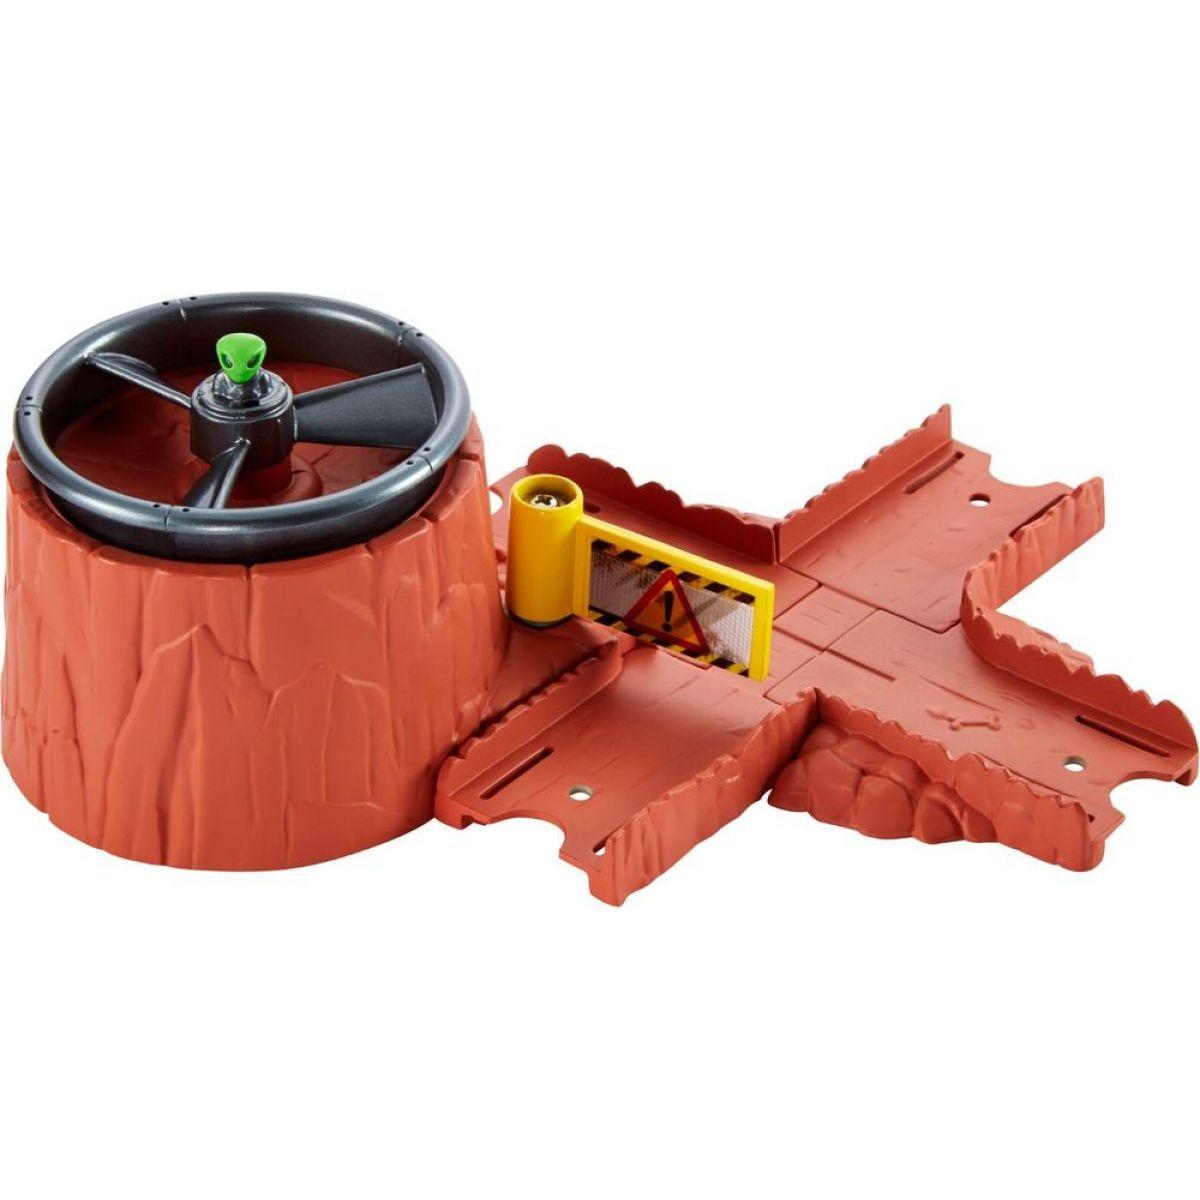 Hot Wheels Track Builder základní set - UFO odpalovací rampa